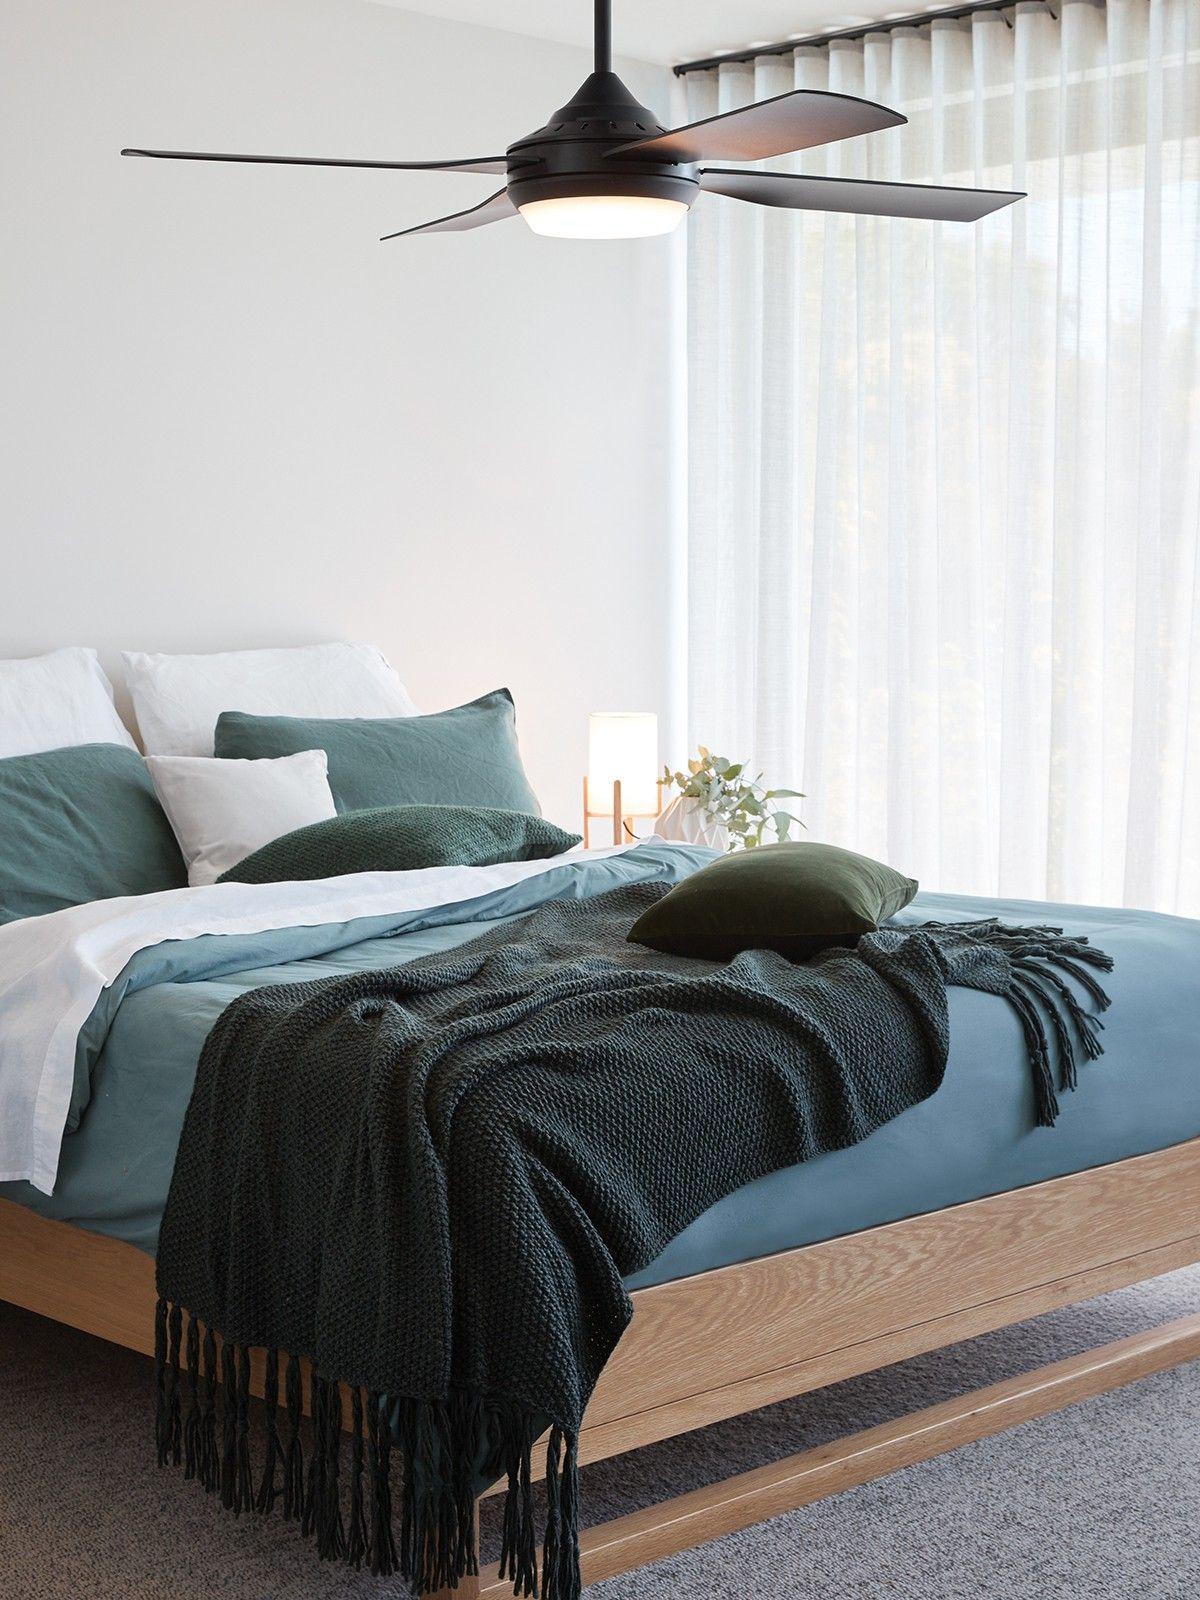 Moonah 122cm Fan with LED Light in Black Bedroom fan